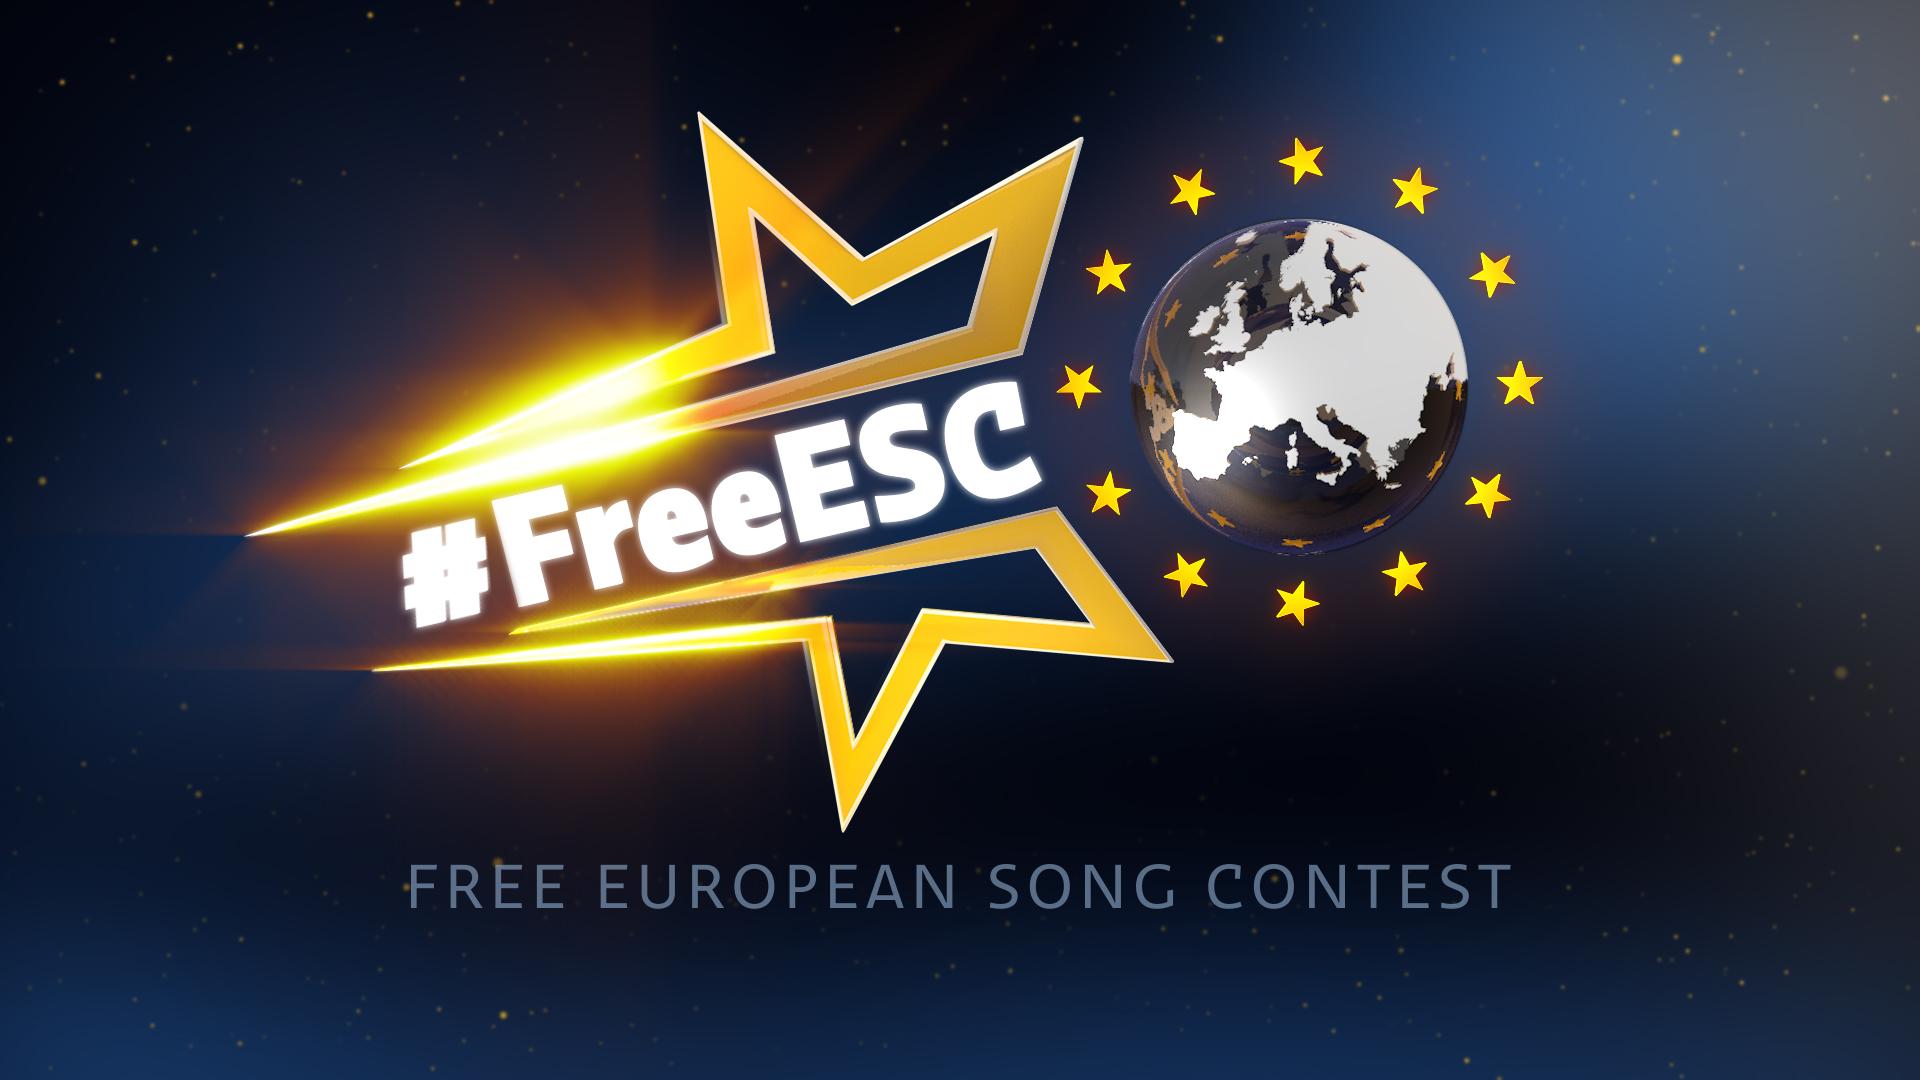 FreeESC Das Ergebnis des Free European Song Contest auf ProSieben ...